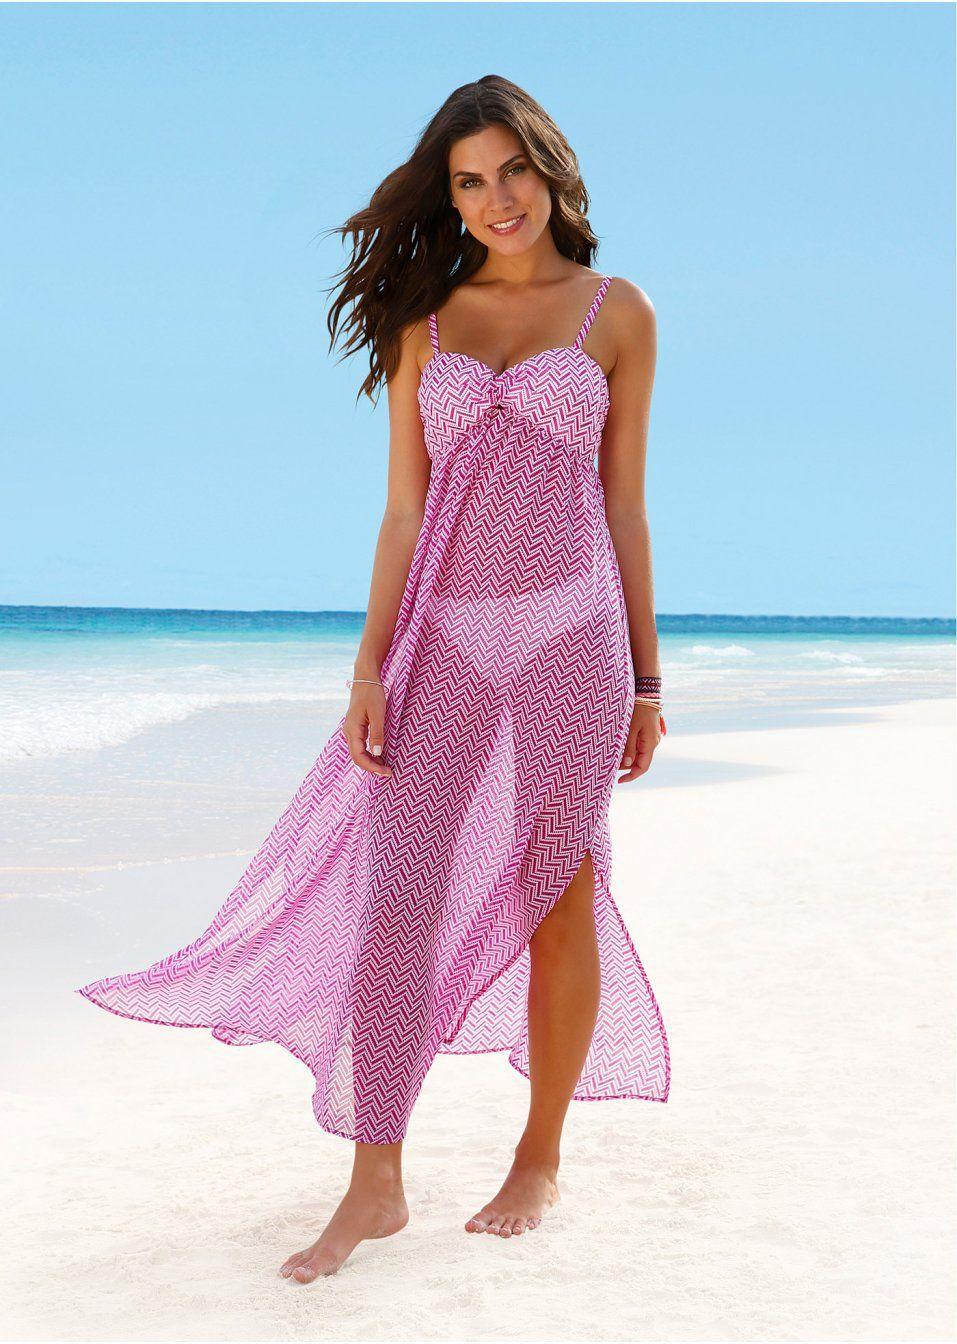 fdcfa9769cba Plážové šaty Plážové šaty s • 629.0 Kč • bonprix